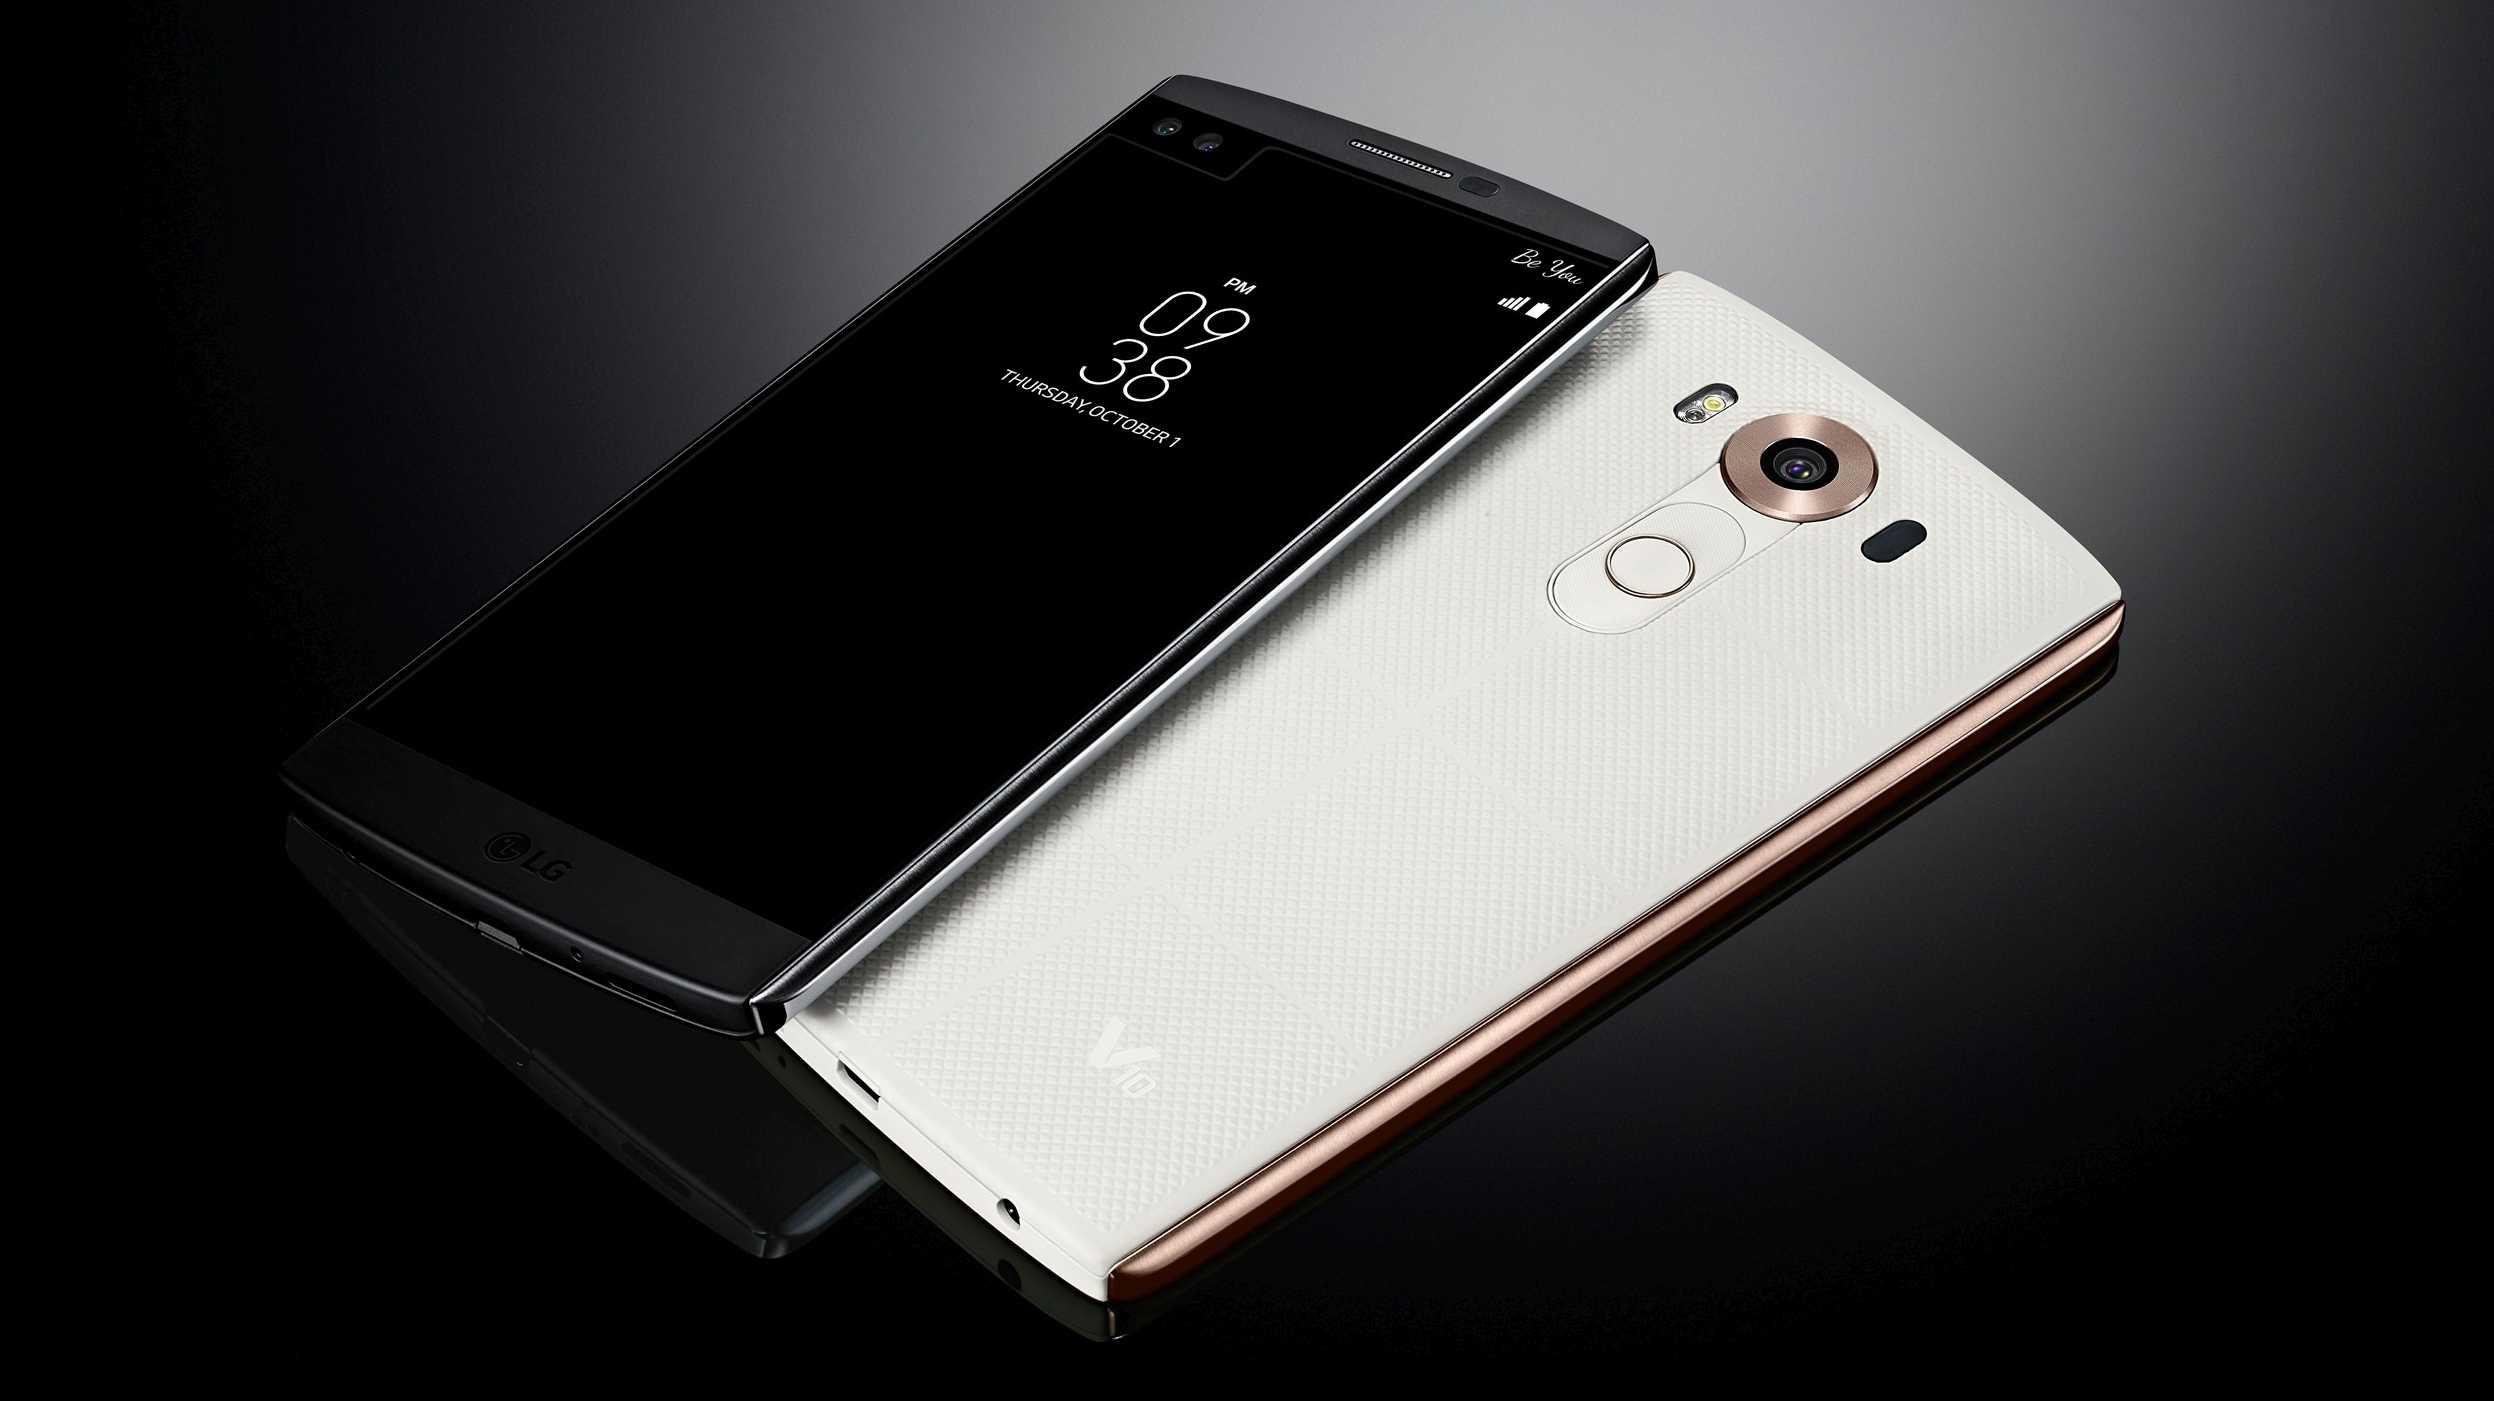 LG V10: Smartphone mit zwei Displays und drei Kameras